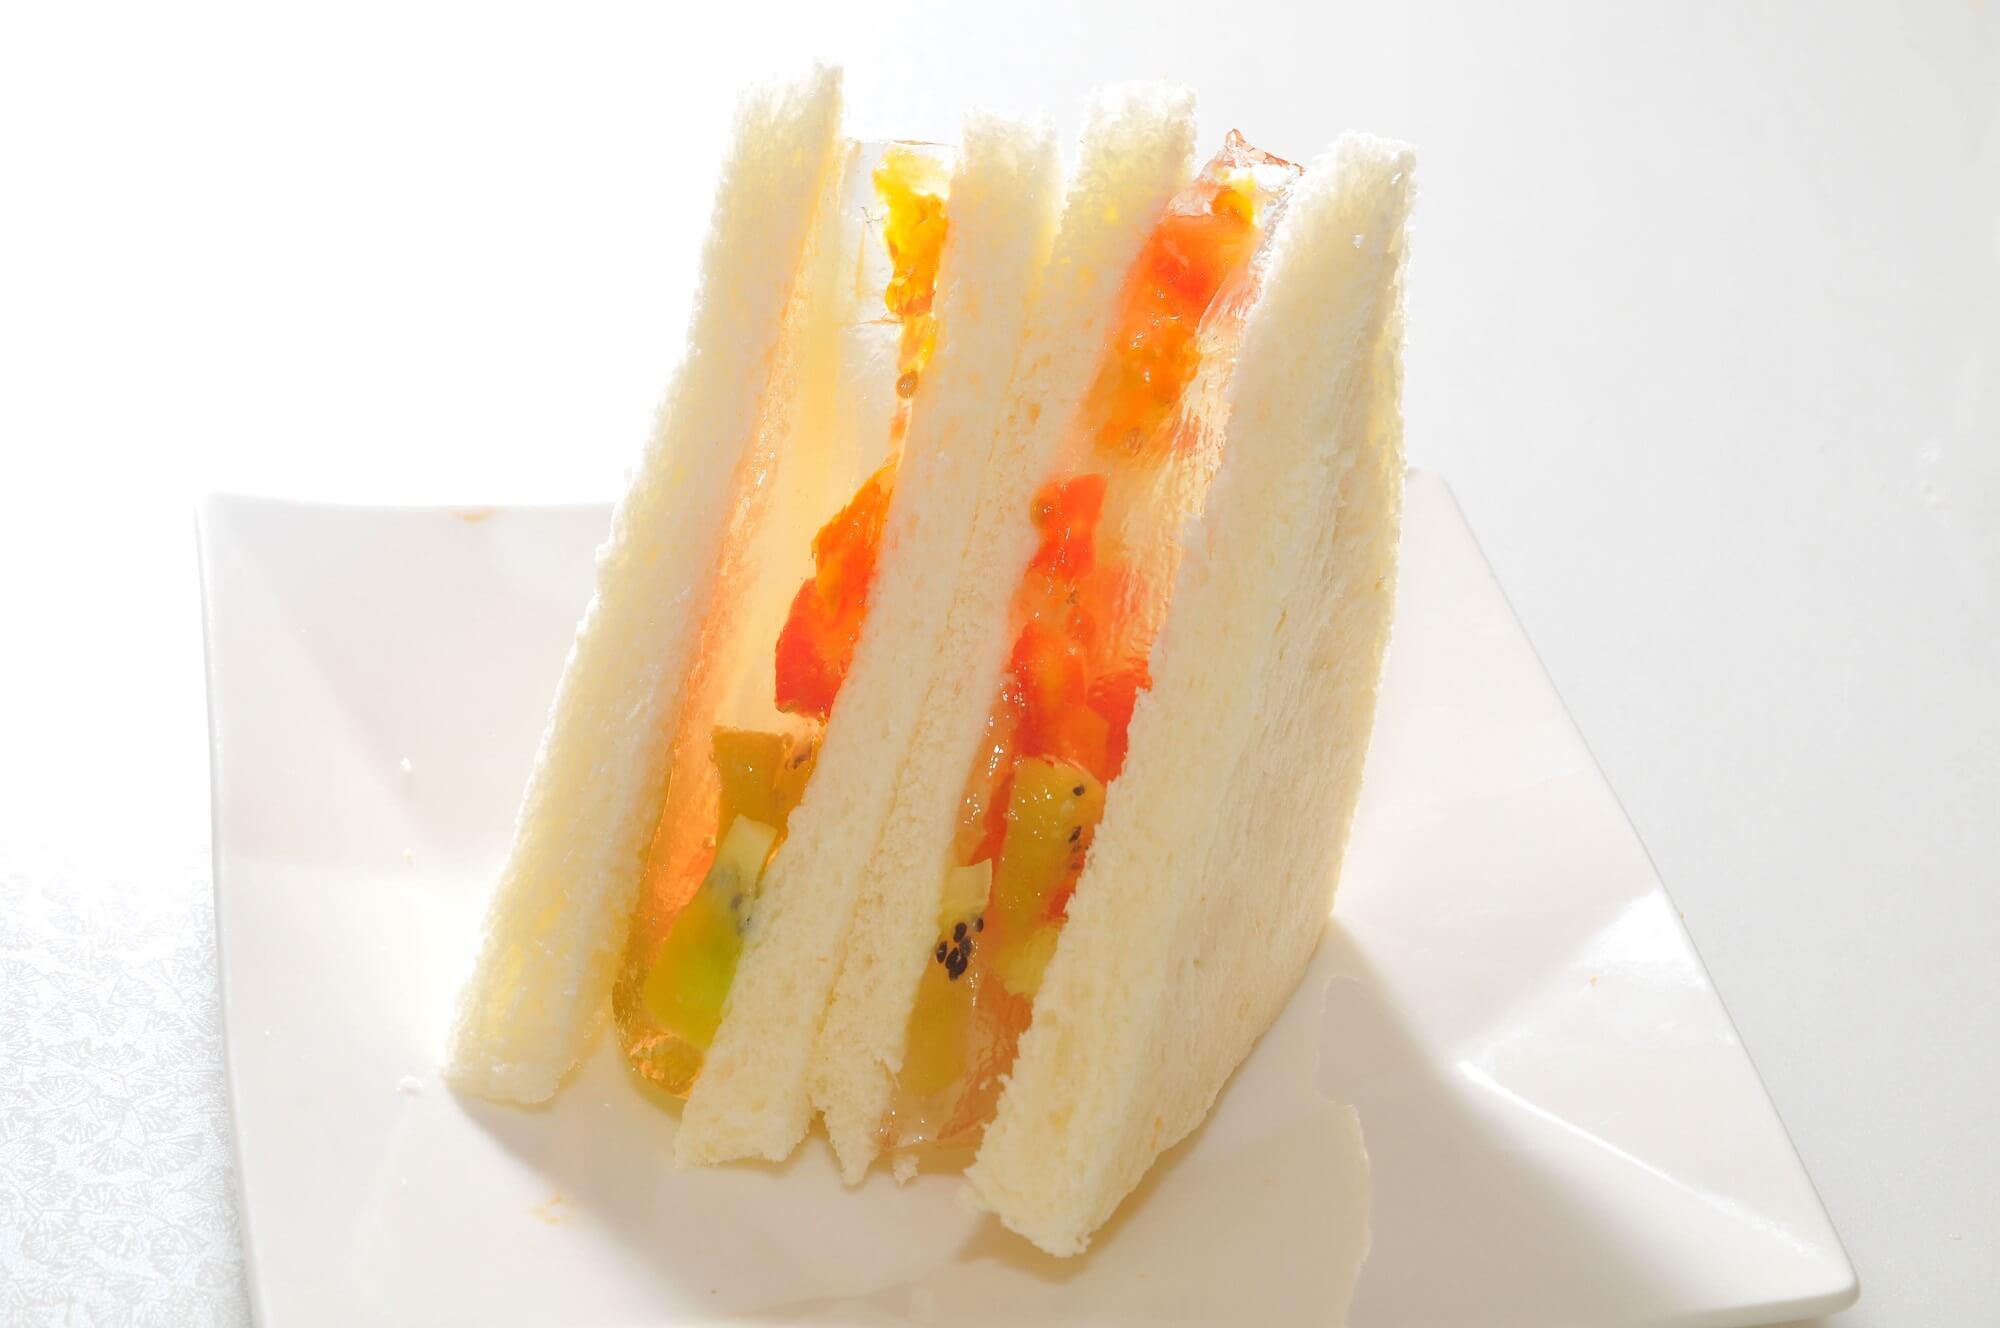 水果三明治食譜,三明治熱量,三明治食譜,三明治英文,水果三明治熱量,營養三明治食譜,水果三明治,水果三明治做法,水果沙拉三明治,三明治,三明治做法,蒟蒻水果三明治,晶巧飲食坊